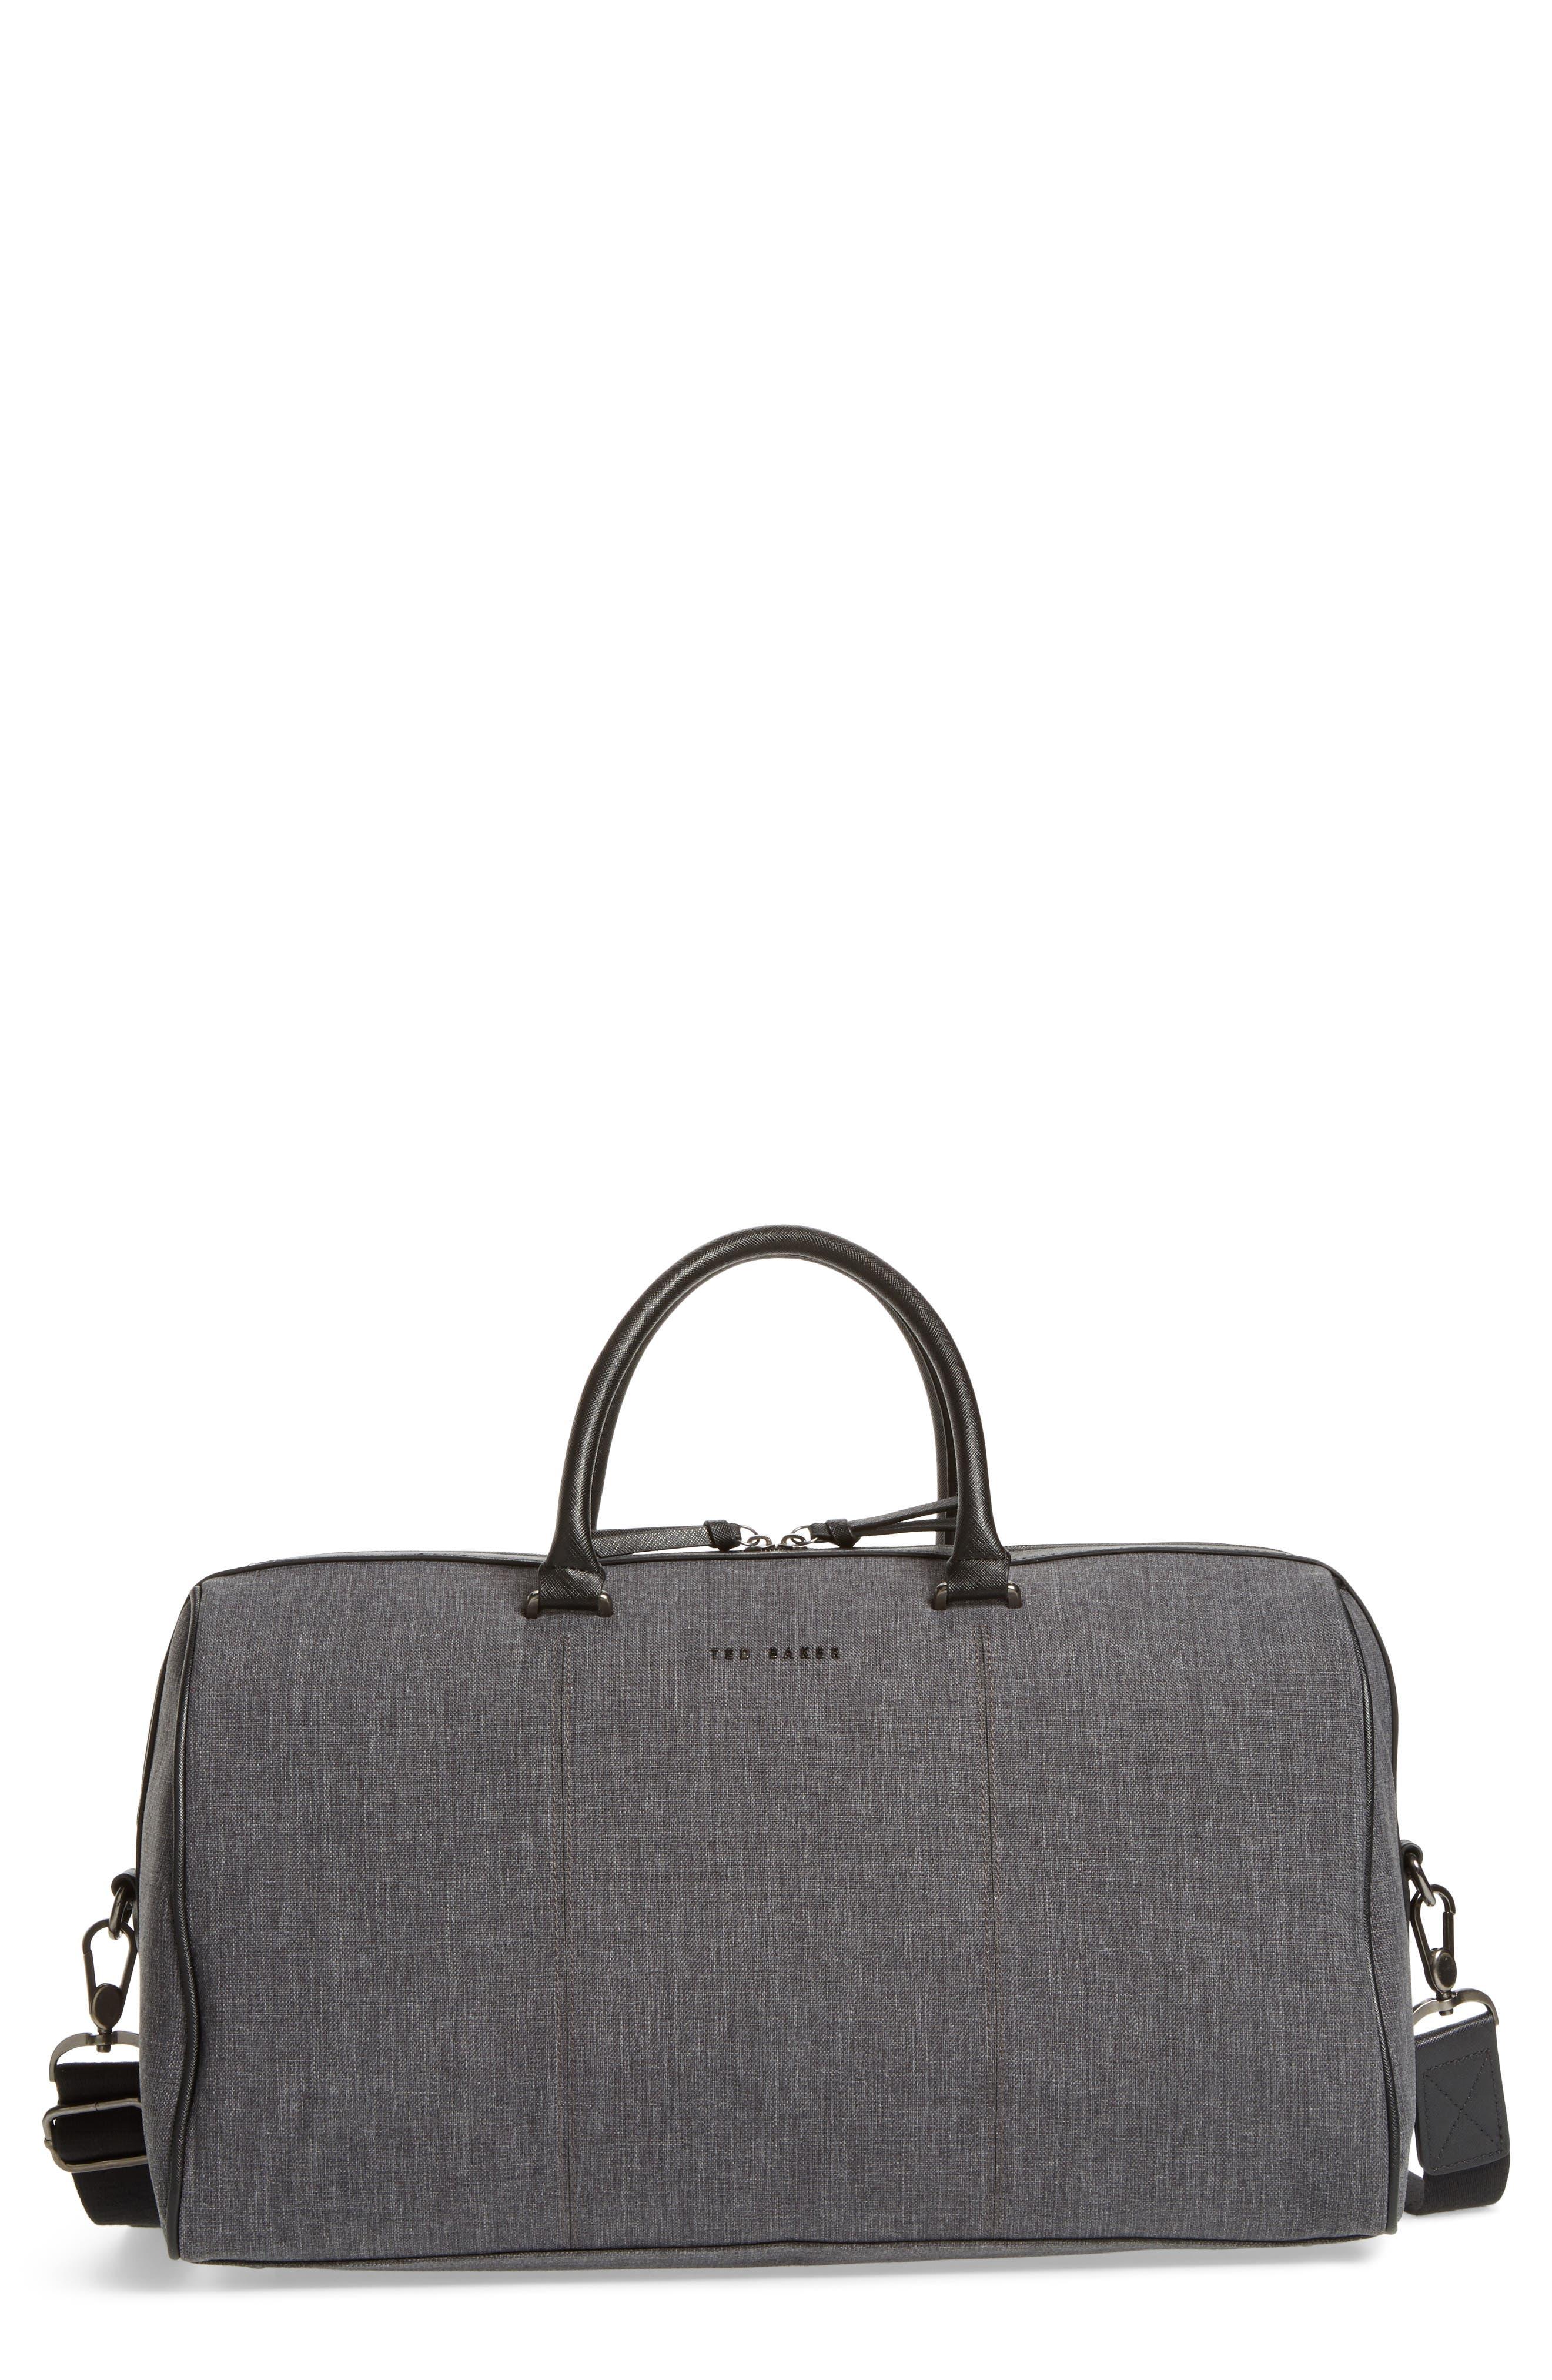 Caper Duffel Bag,                         Main,                         color, CHARCOAL